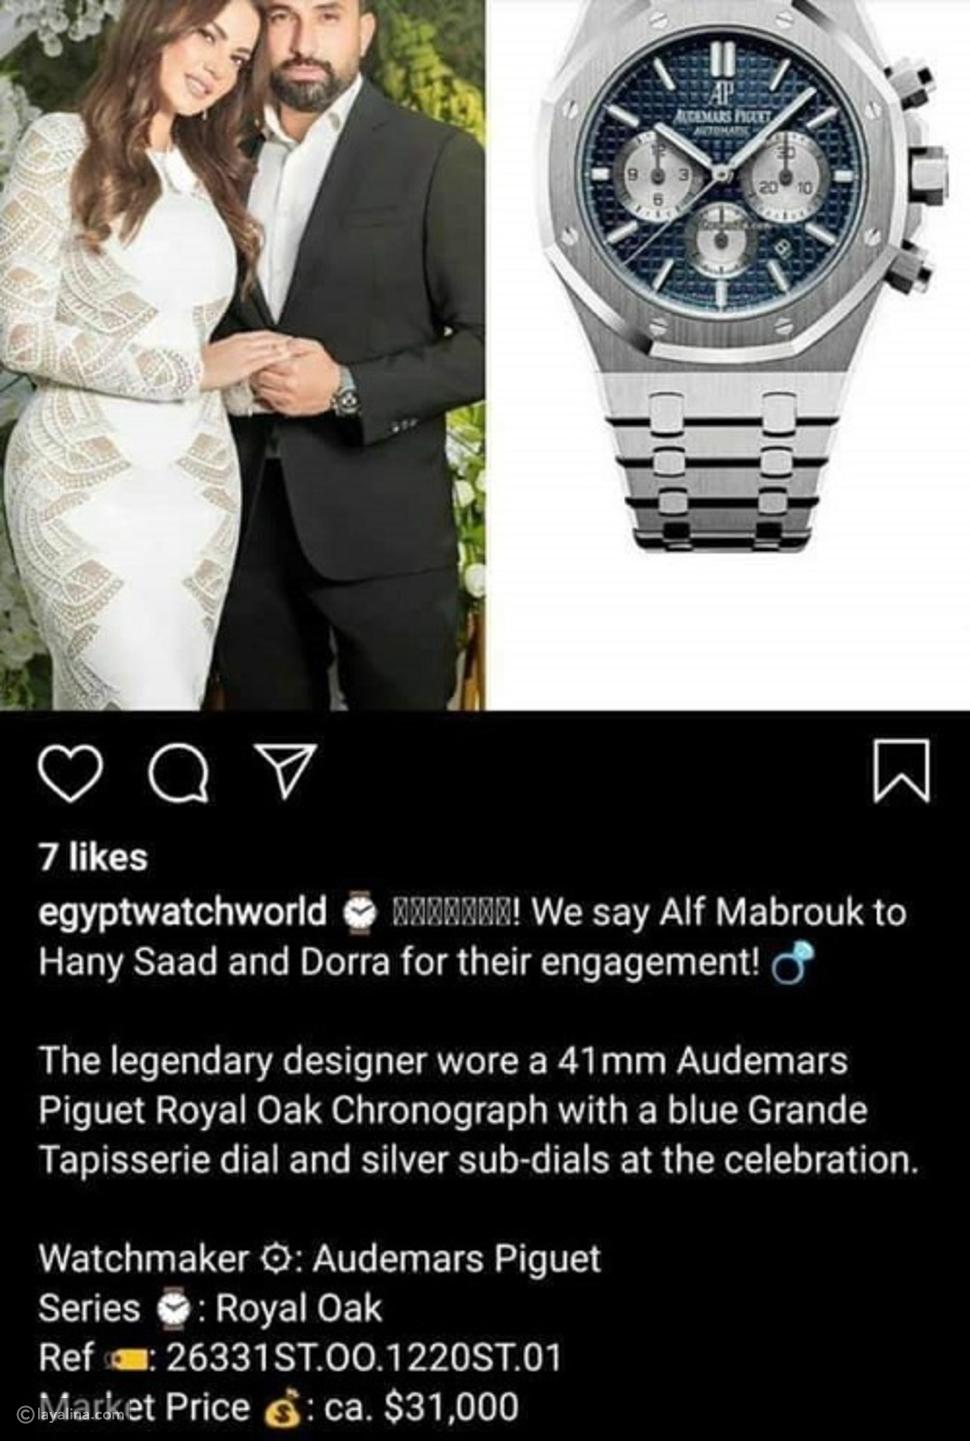 أرقام خرافية: سعر فستان درة وساعة هاني سعد في حفل عقد قرانهما